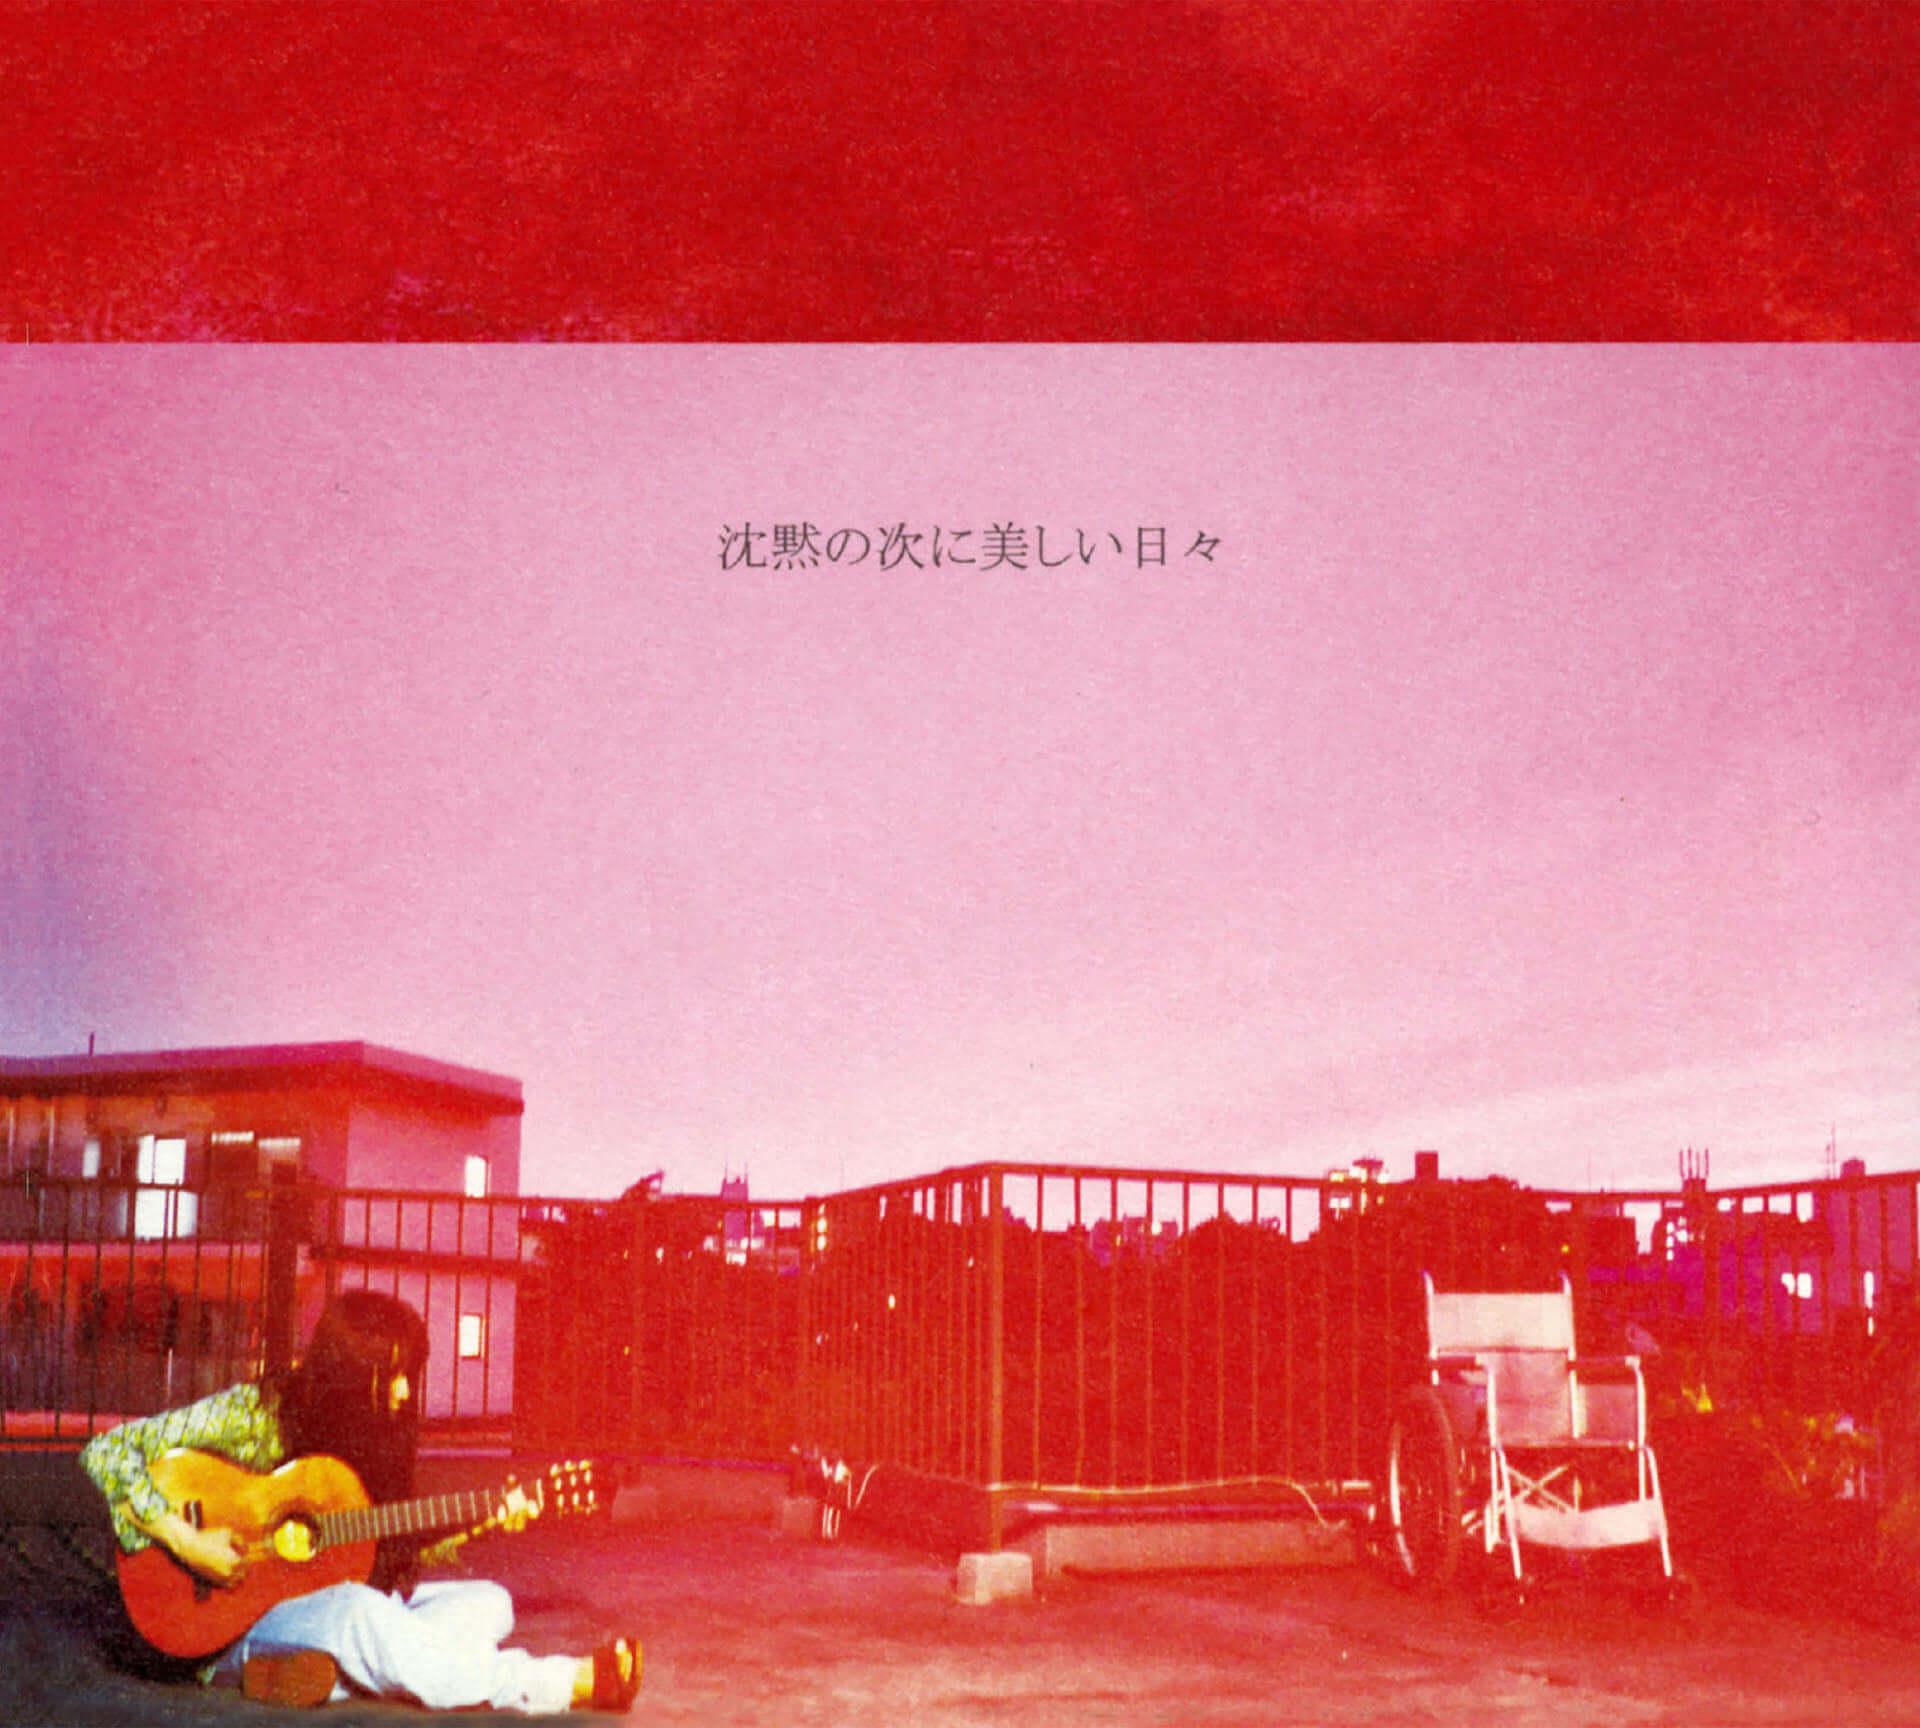 難波BEARS オムニバス『日本解放』が全国流通&サブスク解禁!GEZAN、NUUAMMなどの入手困難な過去作も一挙再発売 music200608_juusangatsu_02-1920x1728